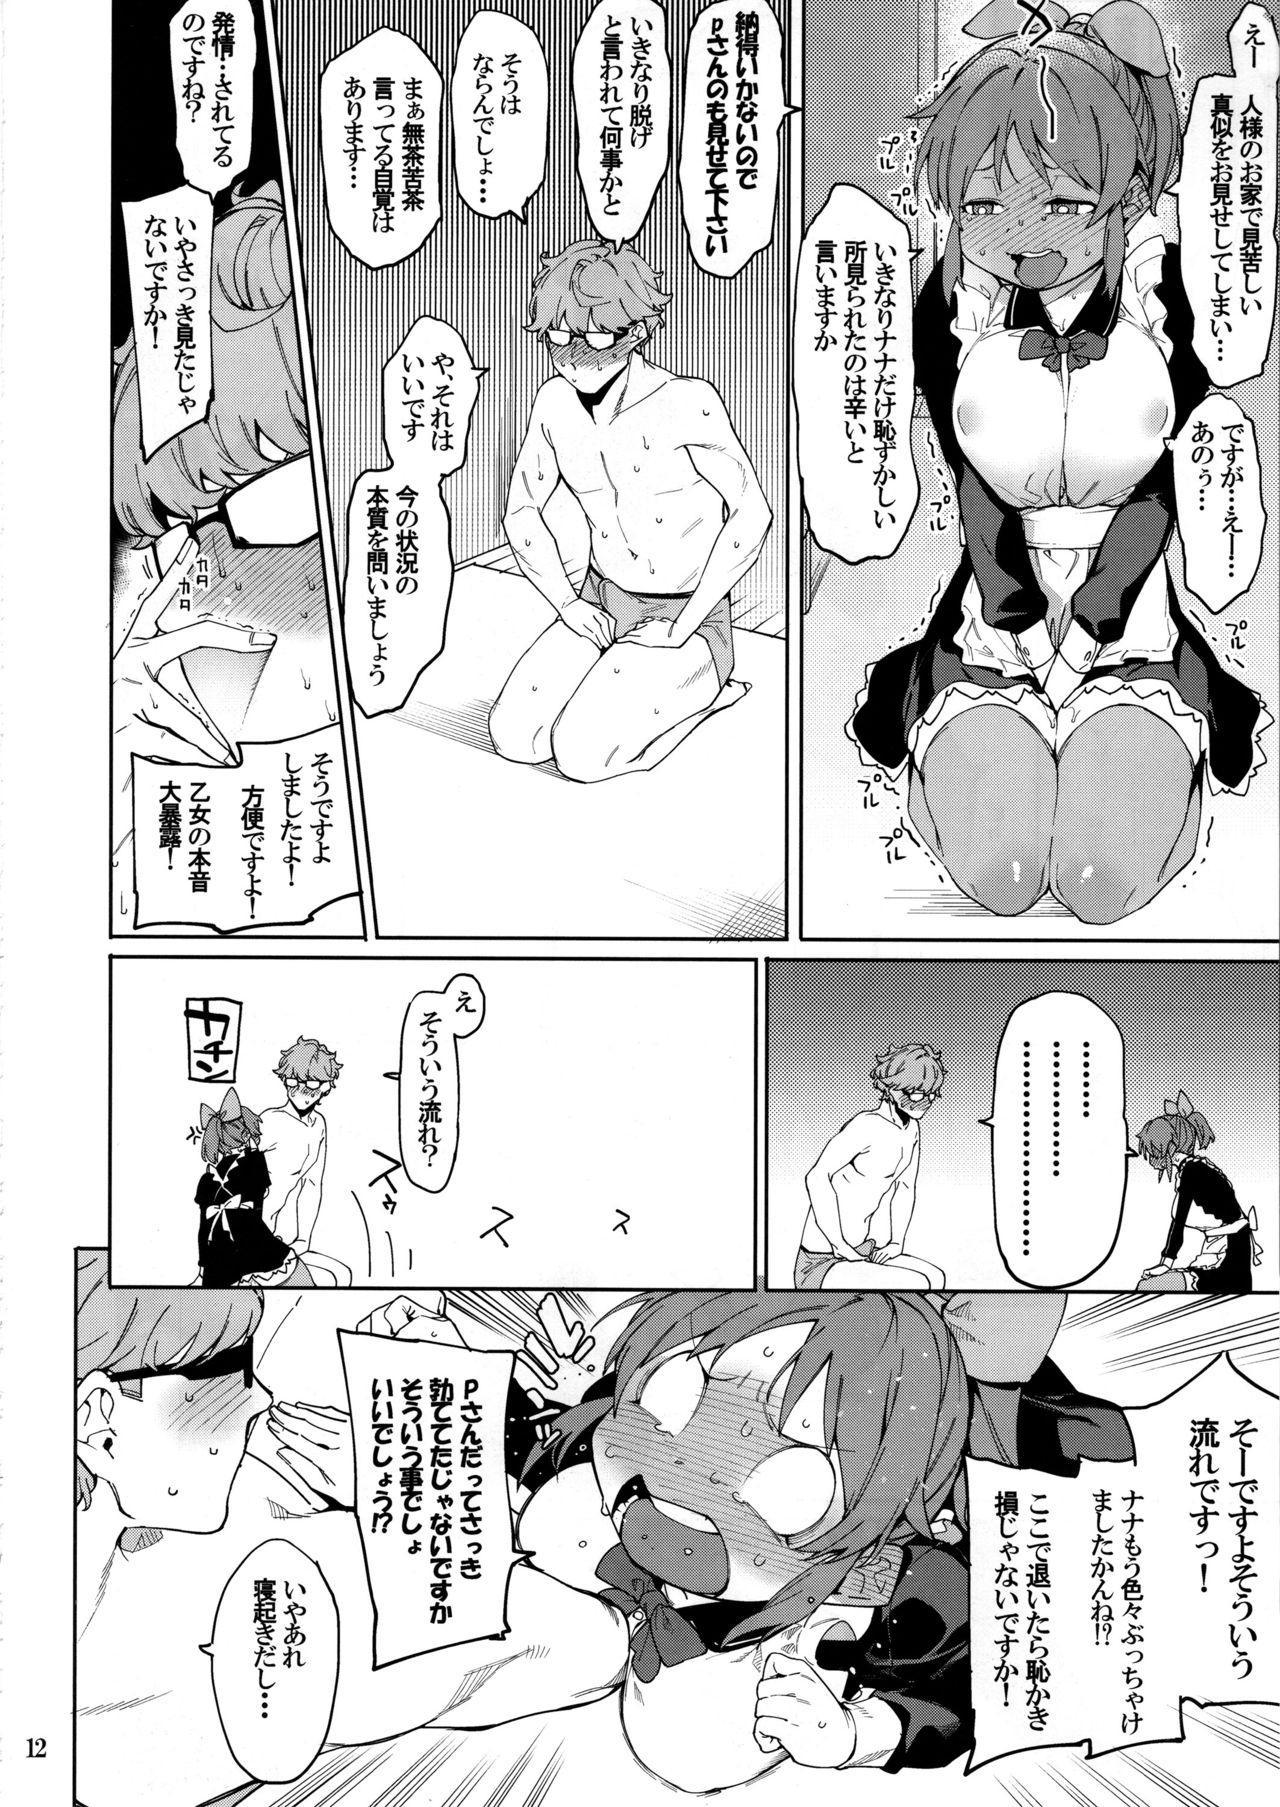 Tabegoro Bunny 10